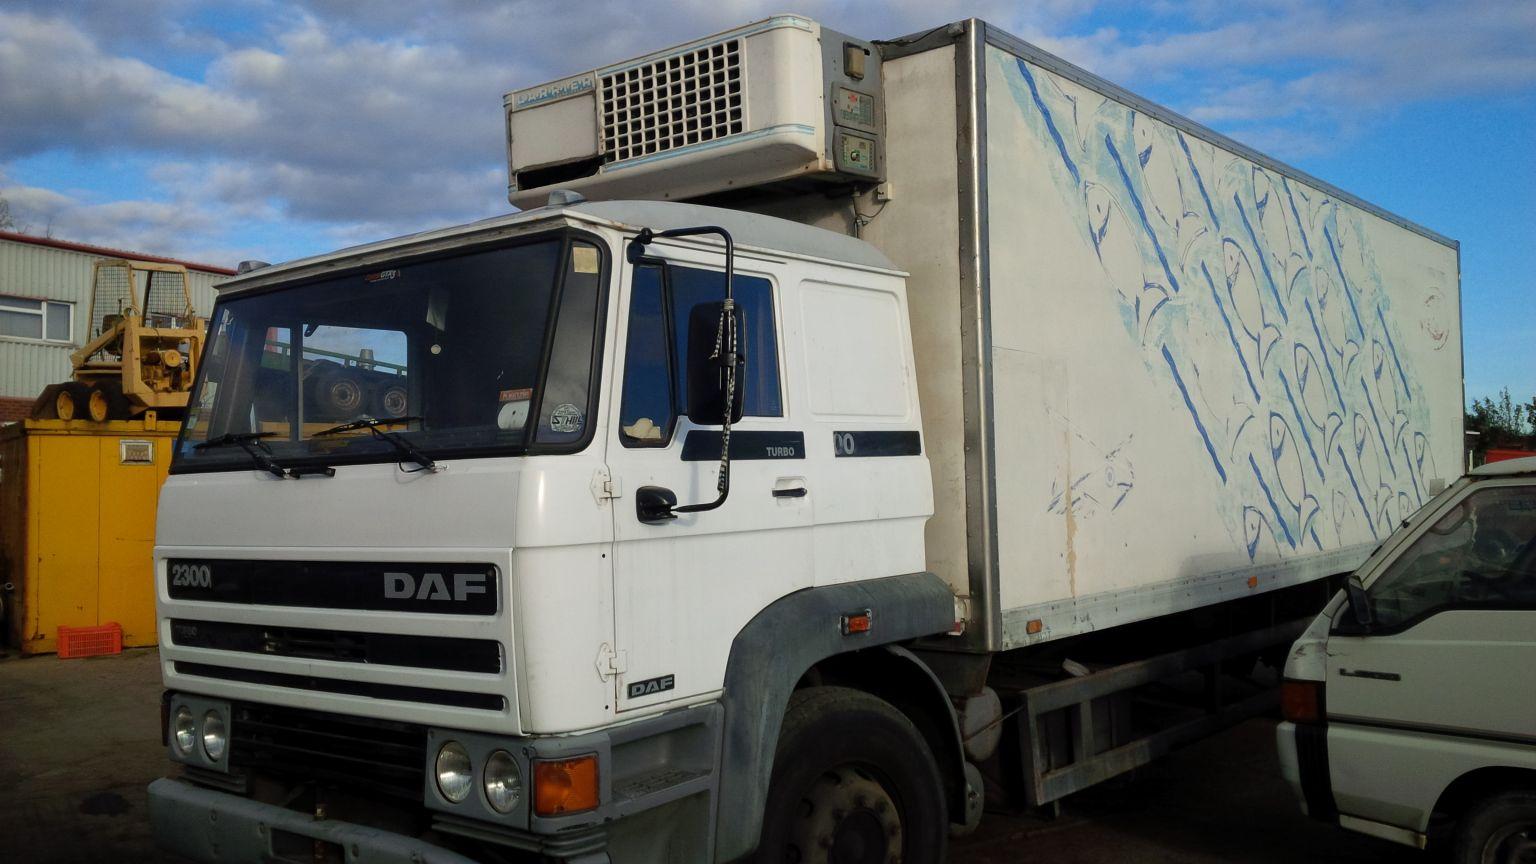 LHD DAF 2300